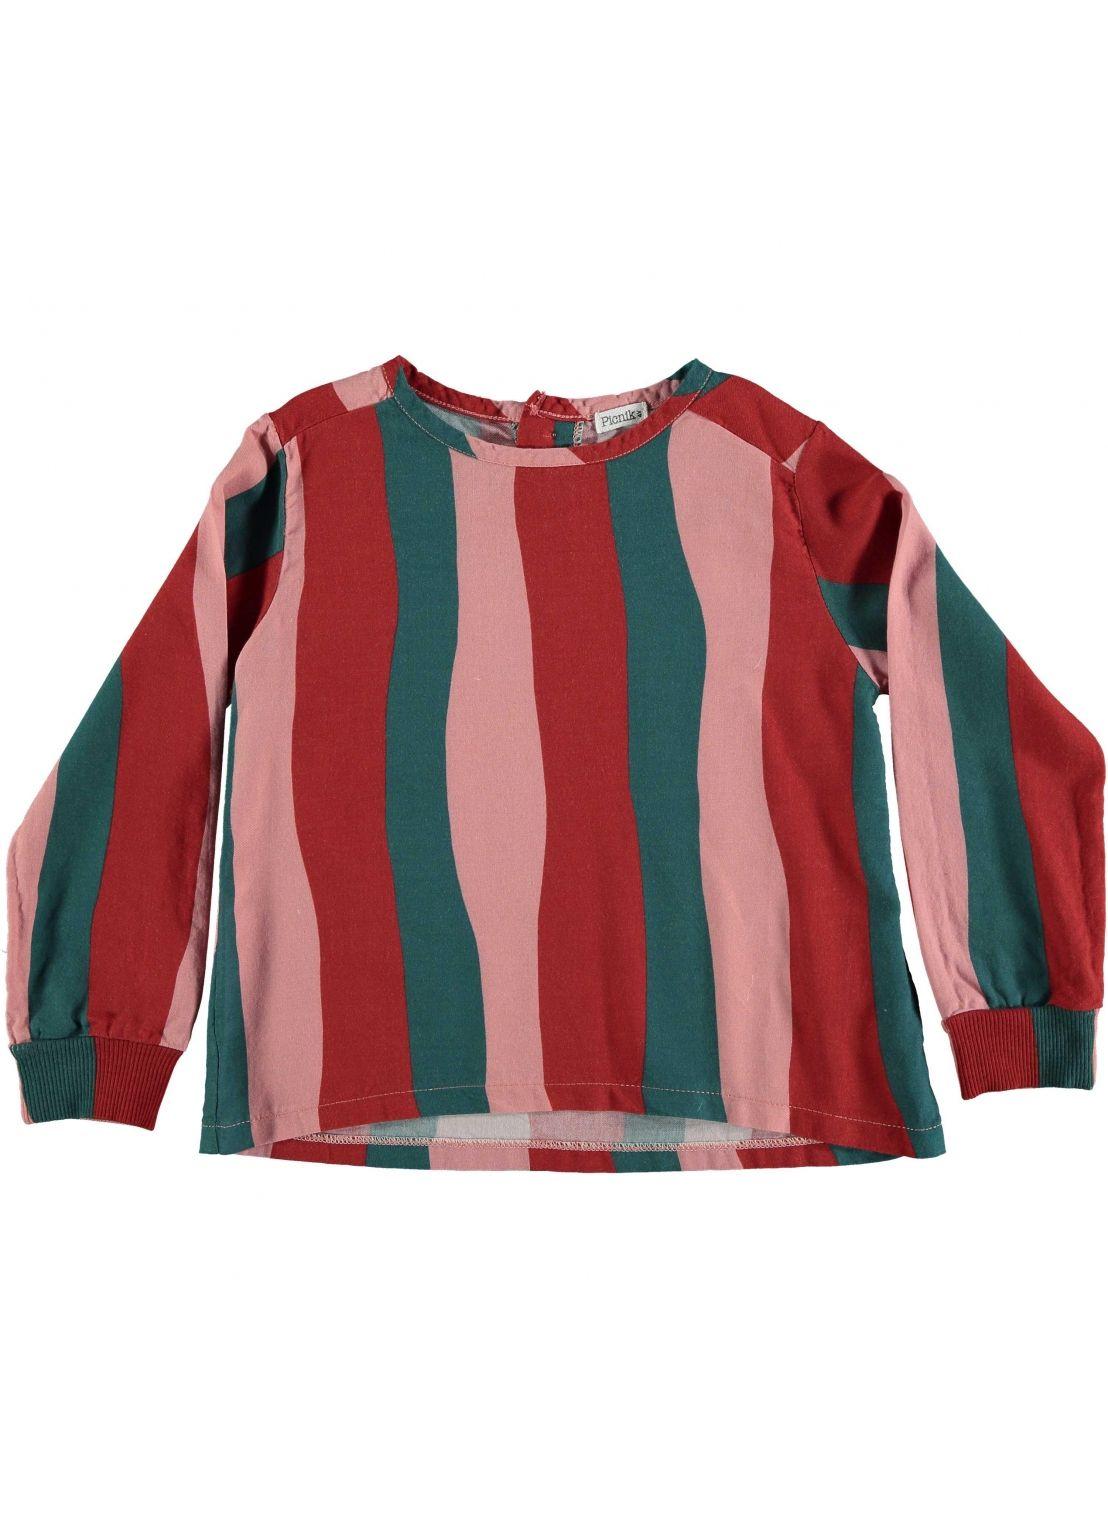 Baby BLOUSE Girl- 50% Cotton 50% Viscosa- Woven